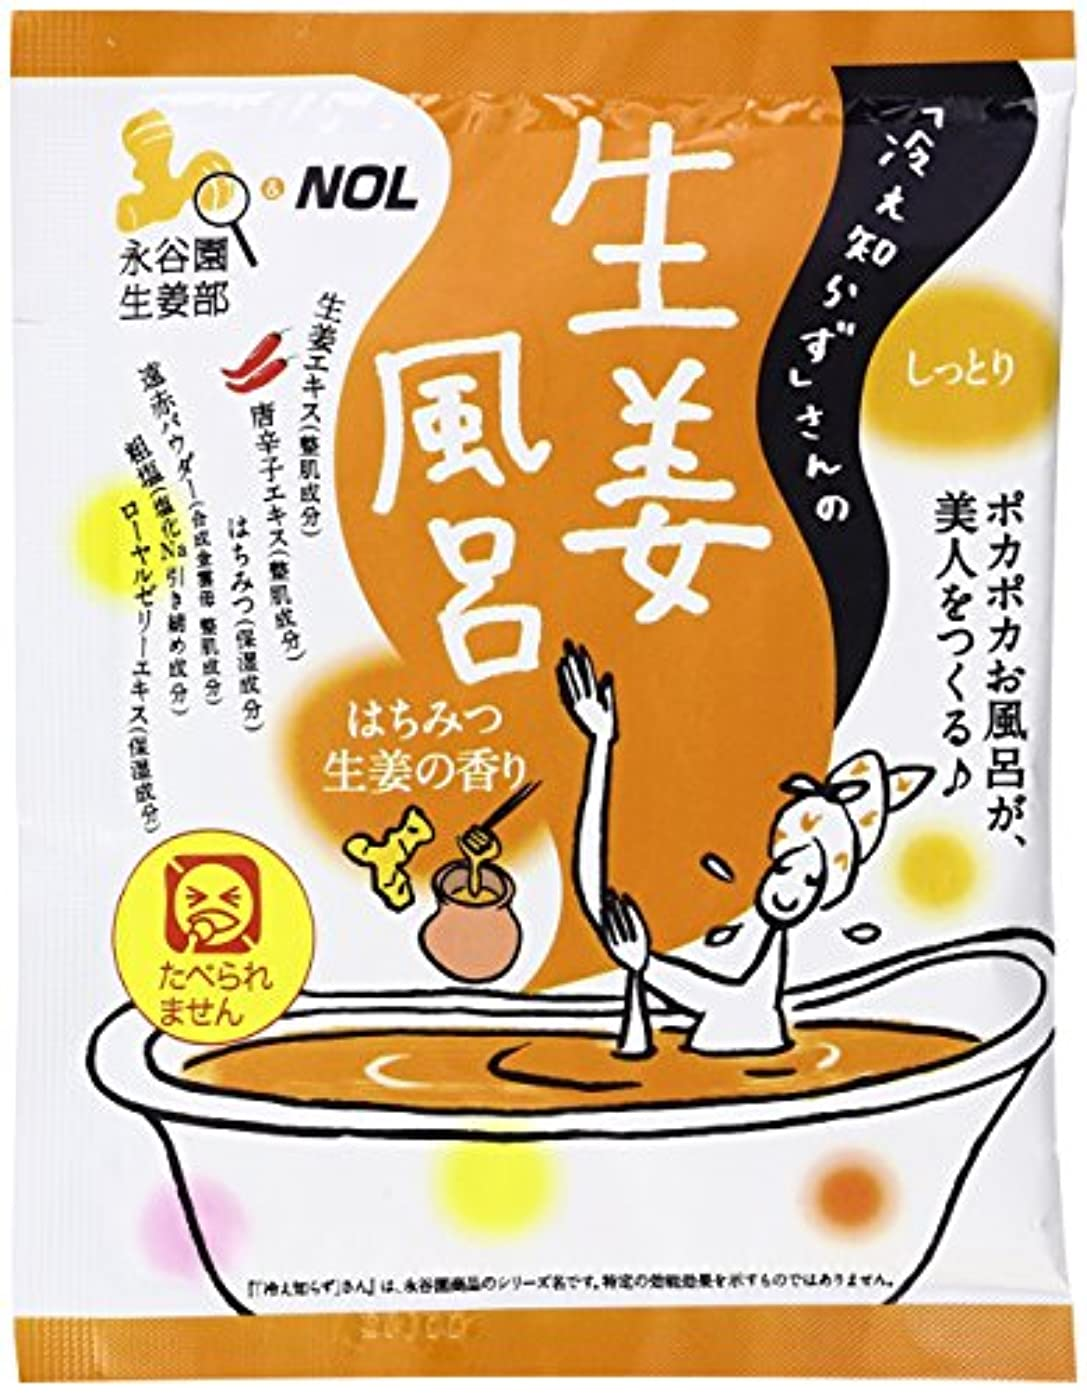 飼い慣らす風殉教者ノルコーポレーション 入浴剤 冷え知らずさんの生姜風呂 40g はちみつ生姜の香り NGT-1-02